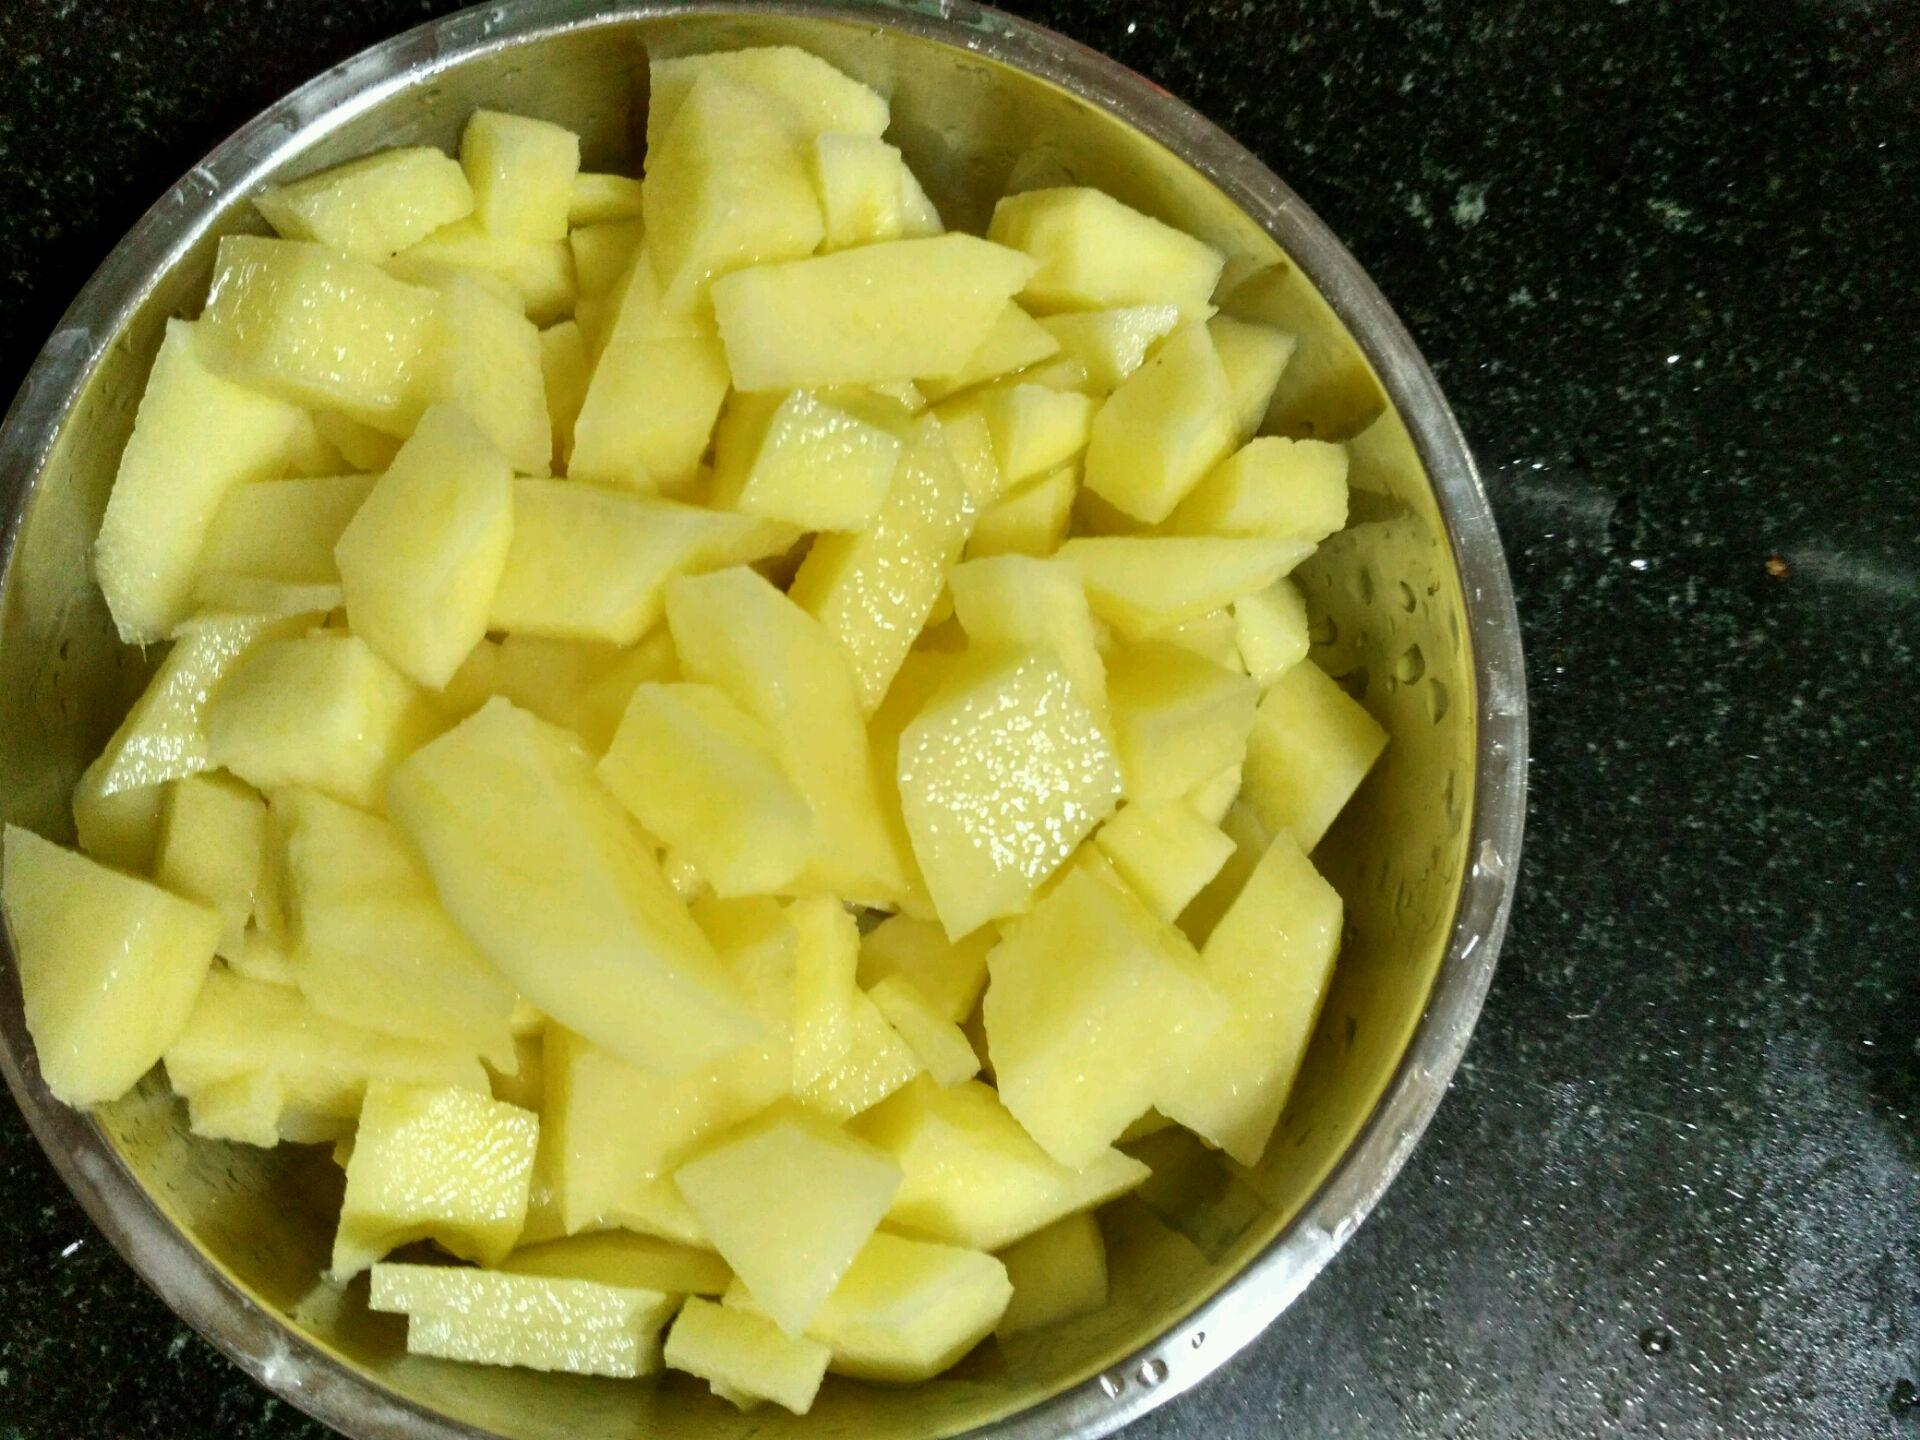 土豆泥的做法步骤